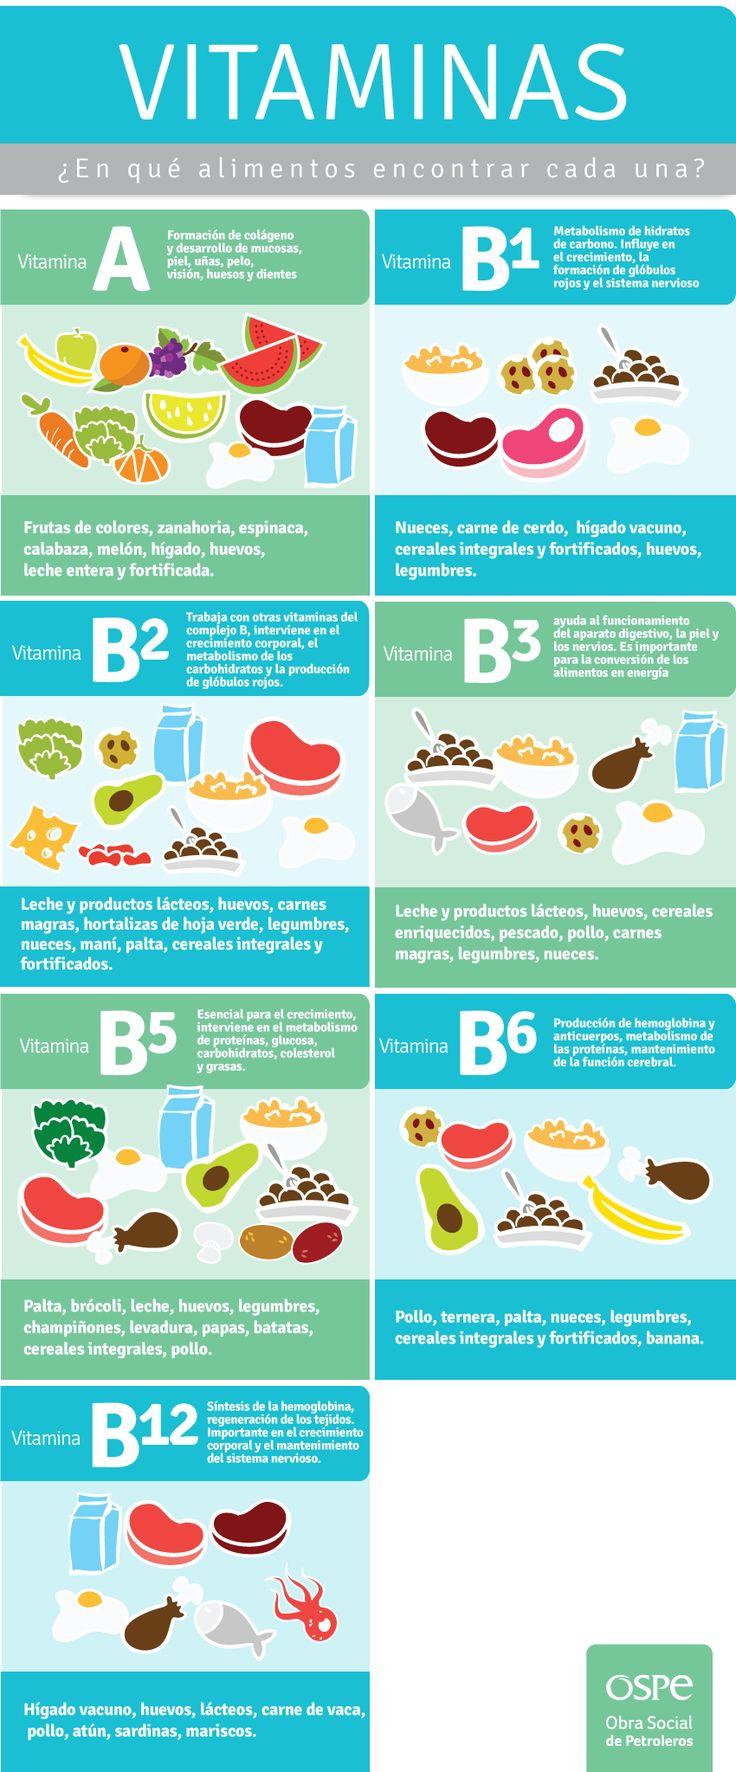 ¿En qué alimentos encontrar cada vitamina?